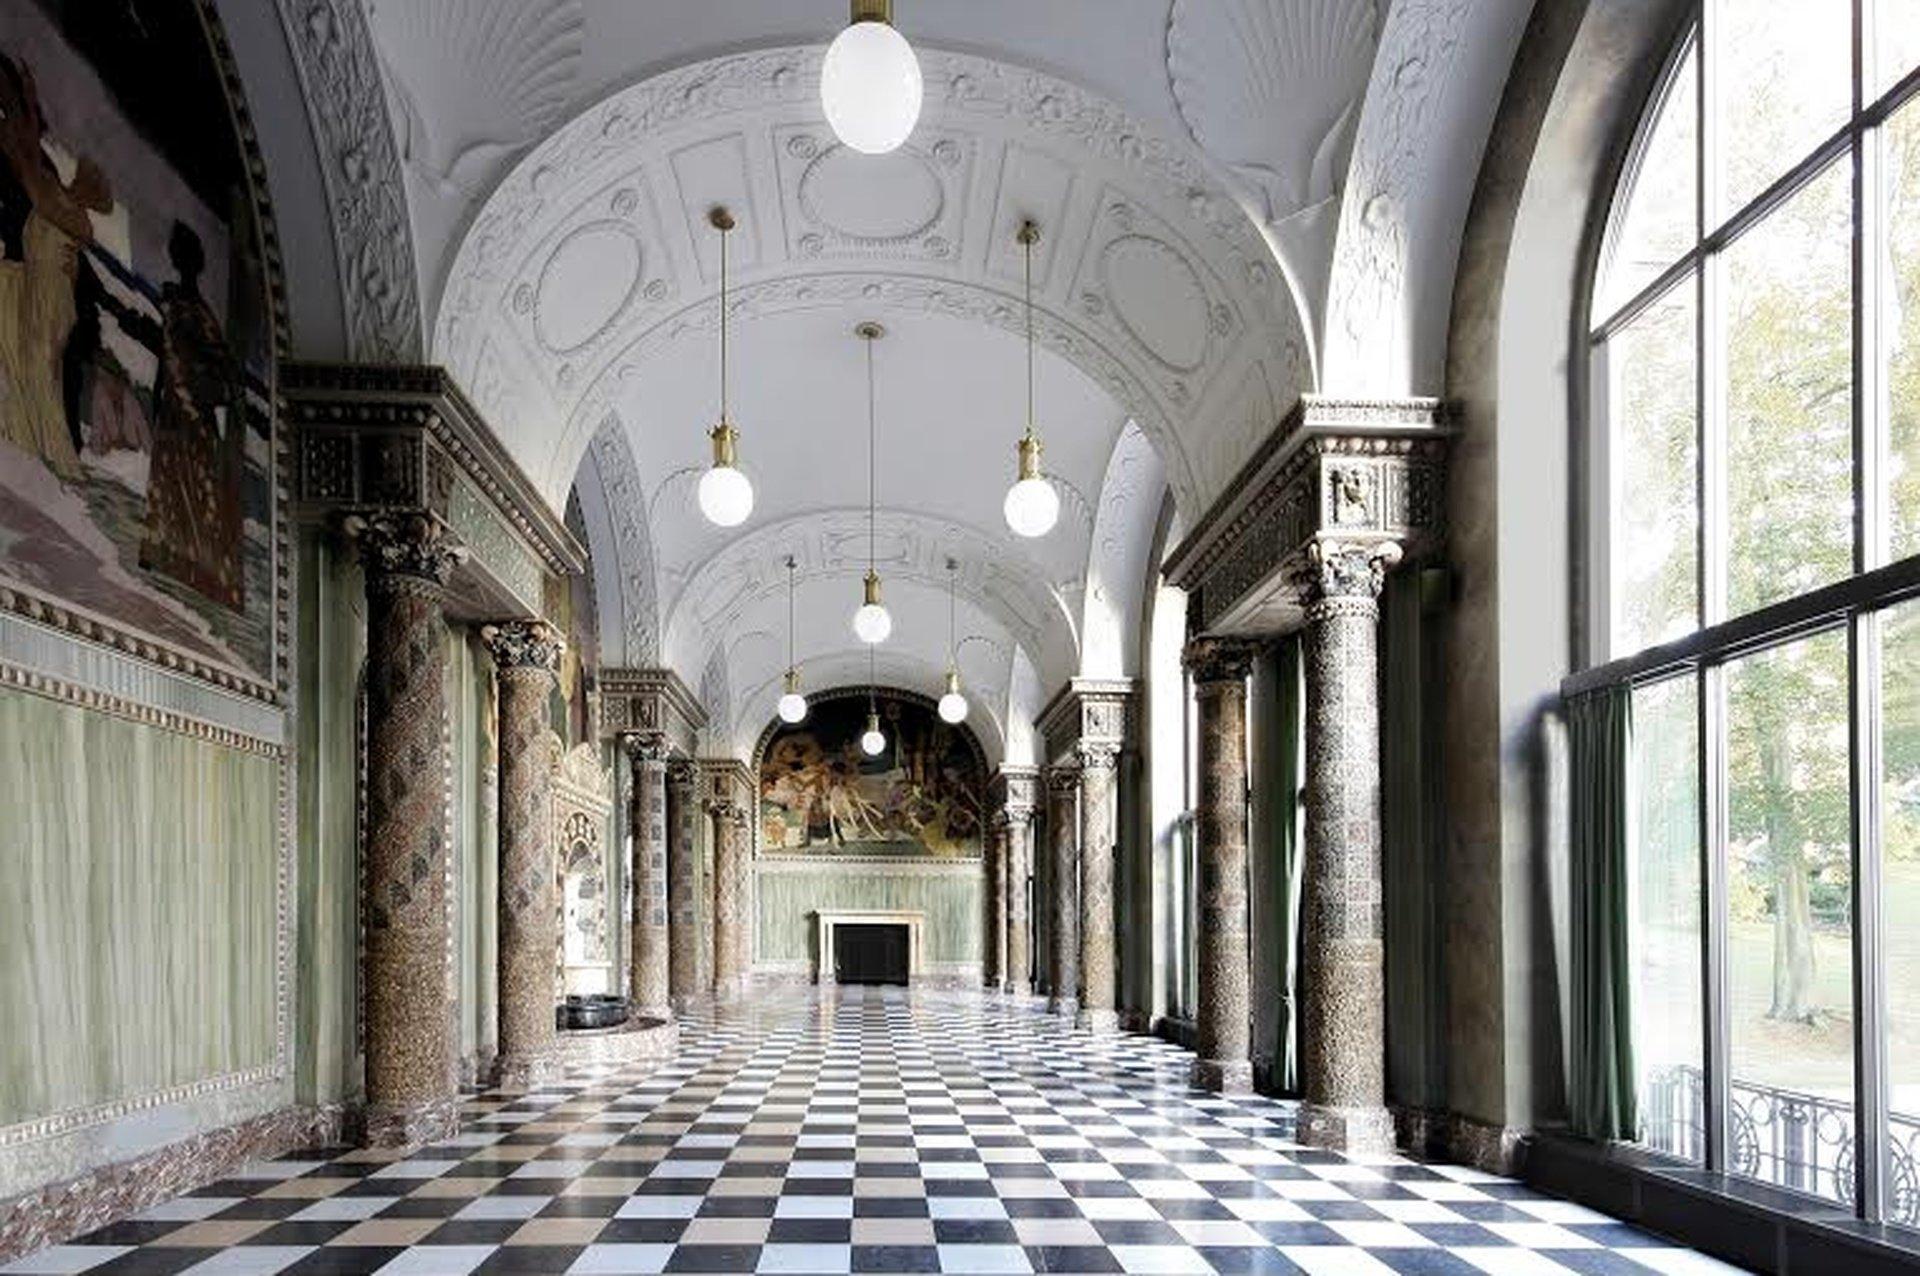 Frankfurt am Main corporate event venues Historische Gebäude Kurhaus - Muschelsaal image 0